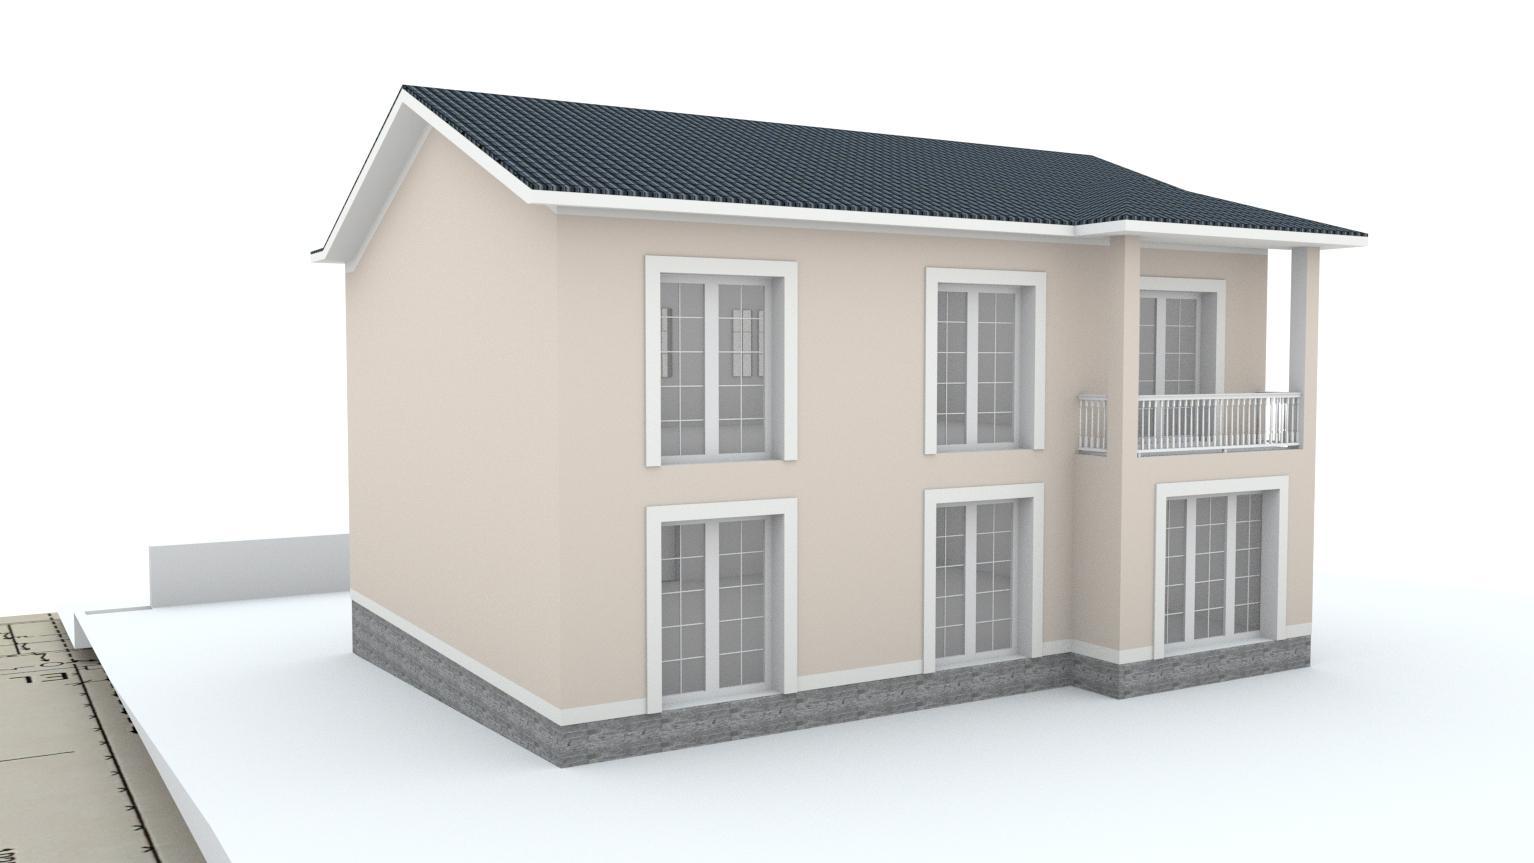 Návrh fasády rodinného domu Bratislava - Obrázok č. 8